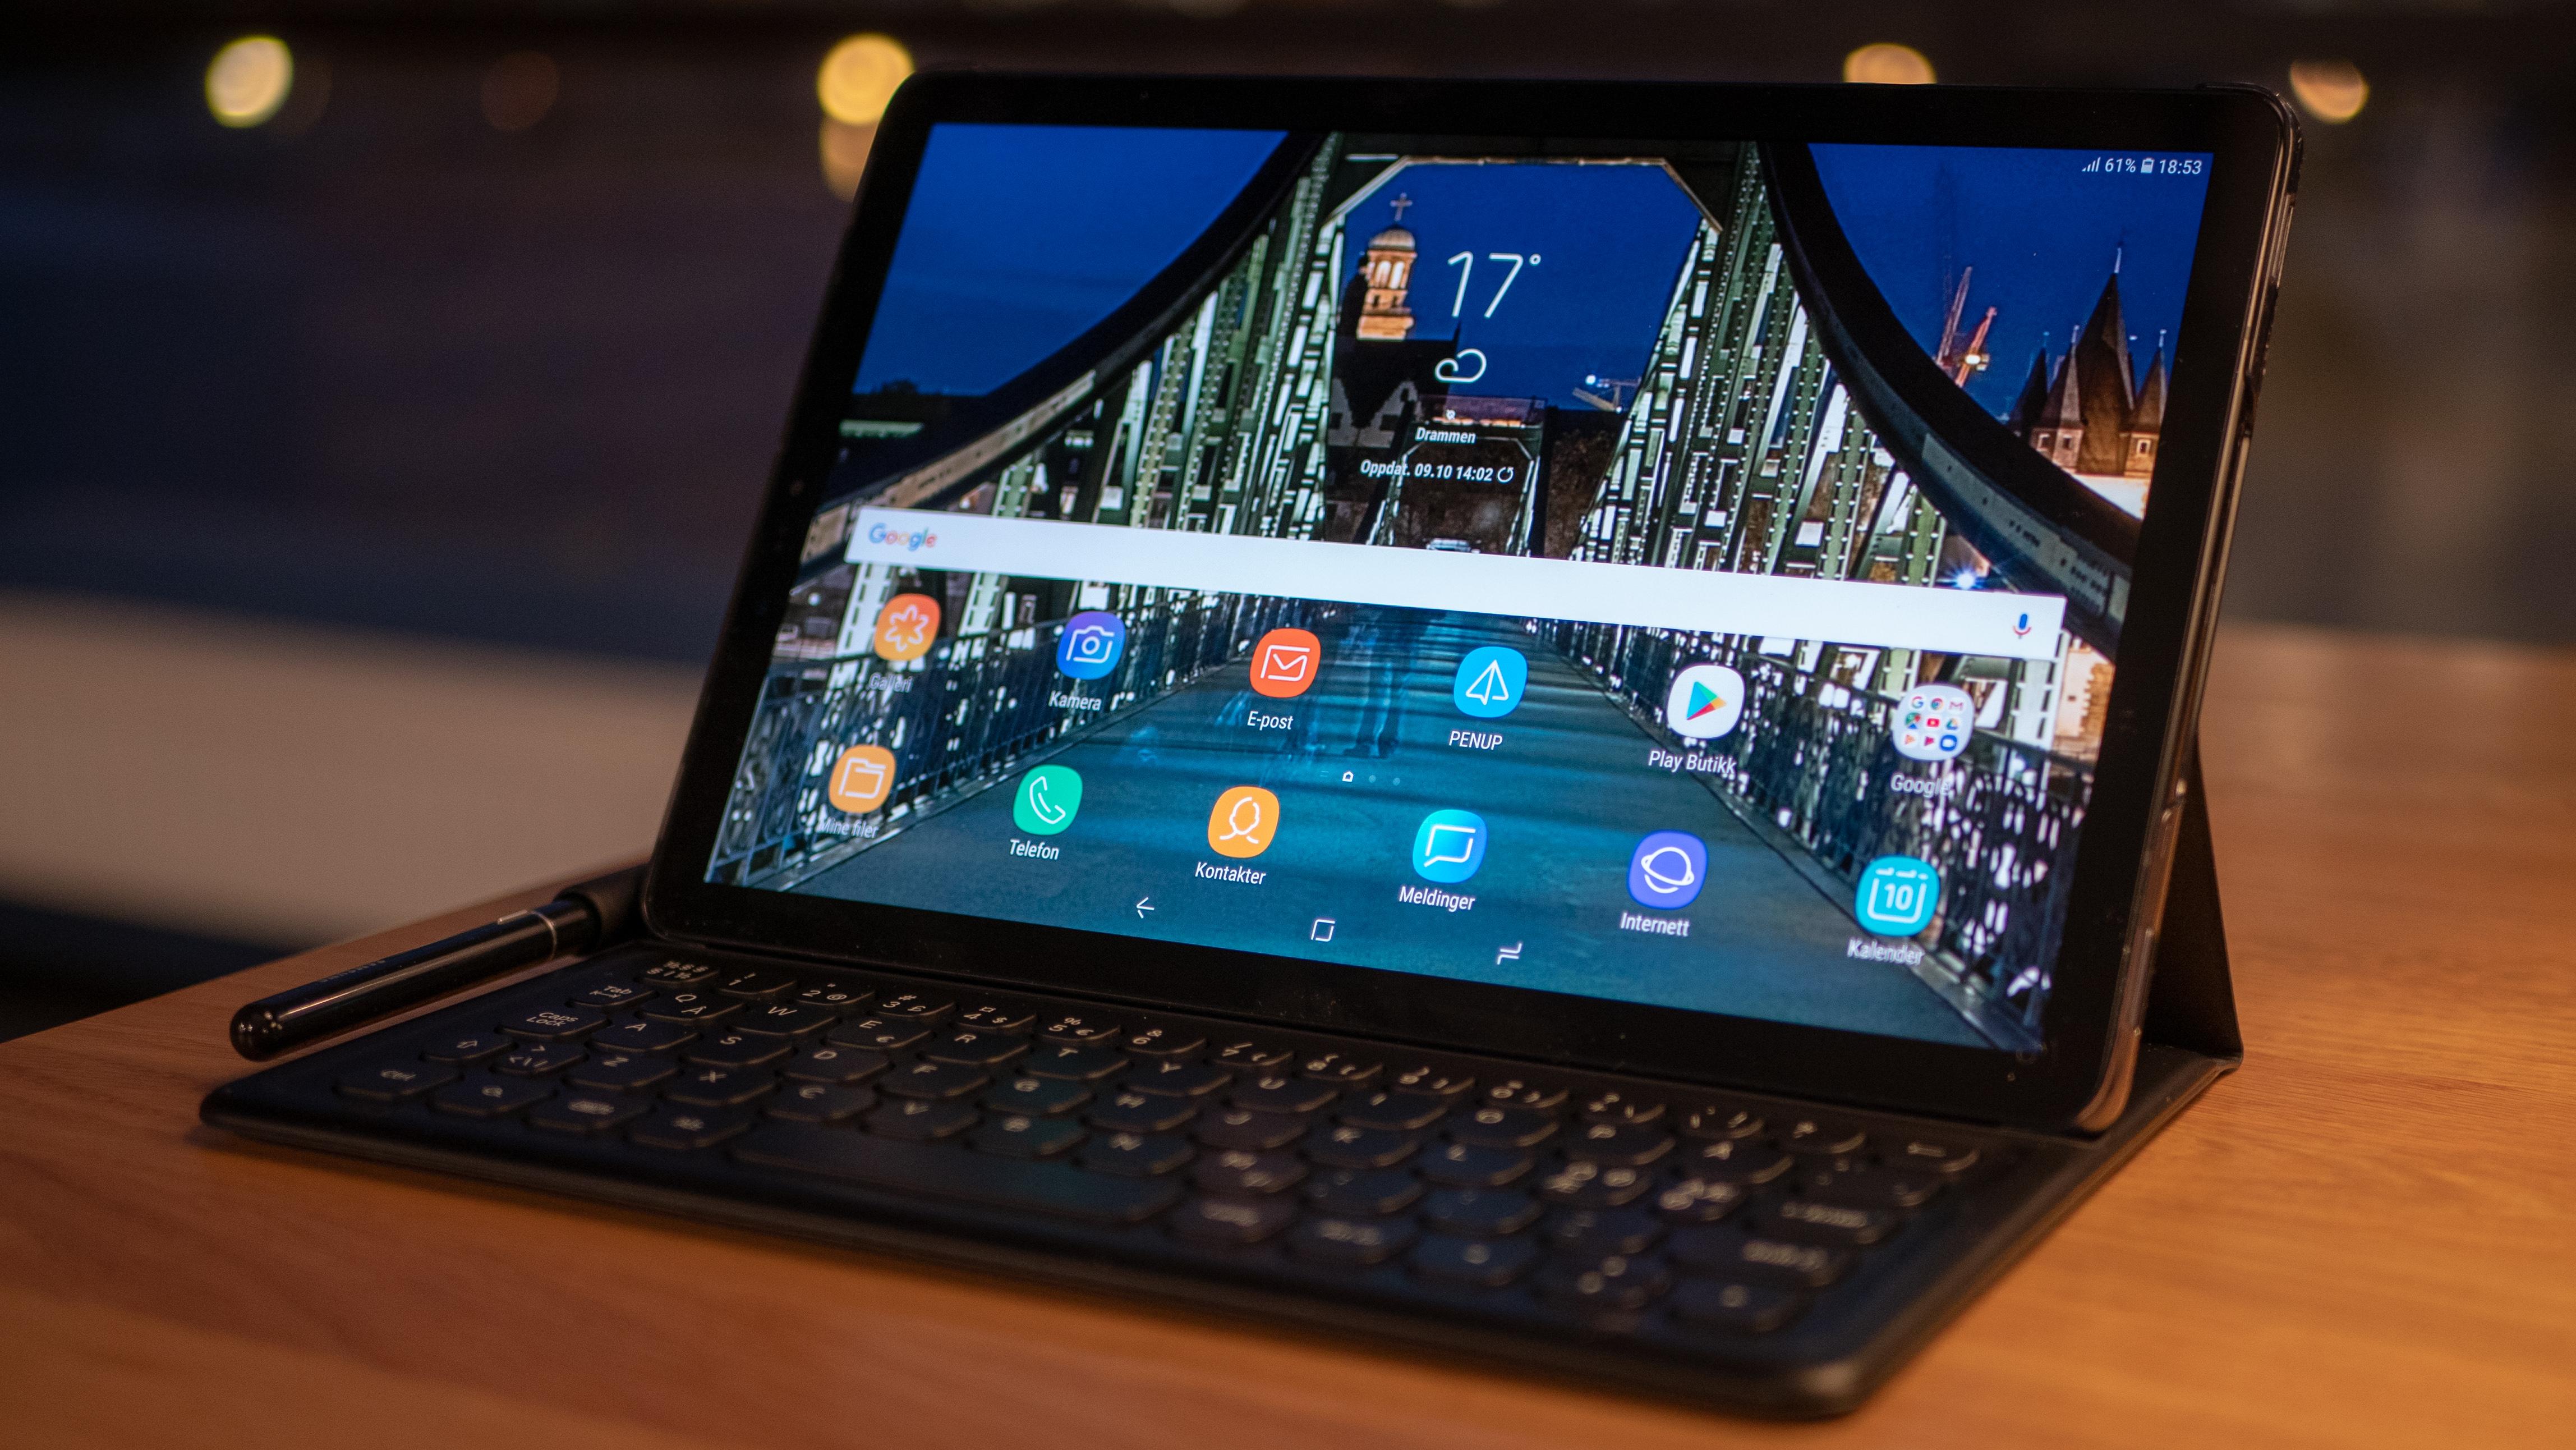 Galaxy Tab S4-dekselet kan kun justeres i én vinkel.